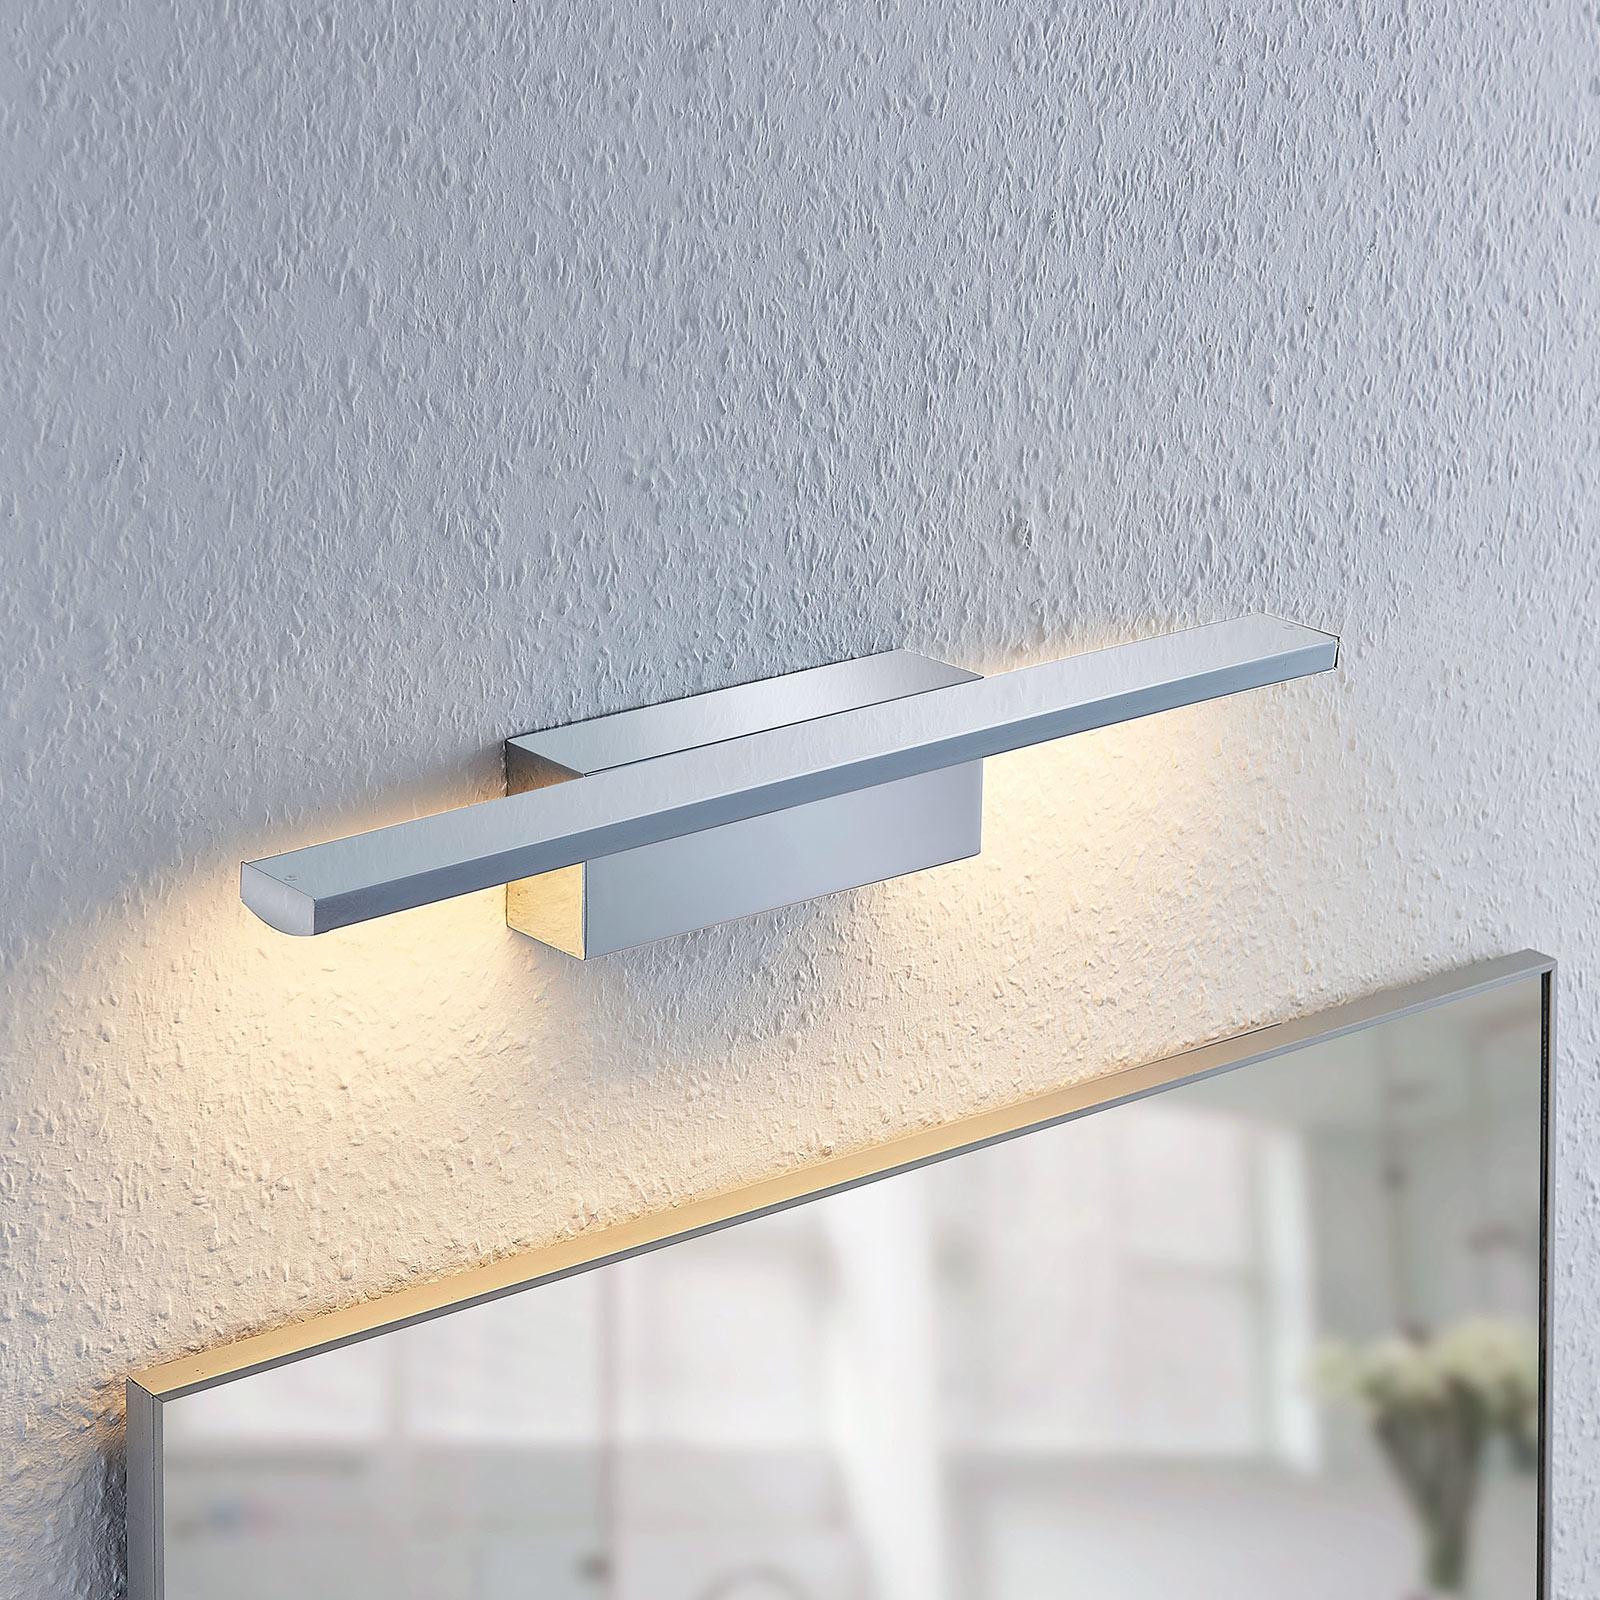 LED-seinävalaisin Tyrion kylpyhuonelamppu, 40cm